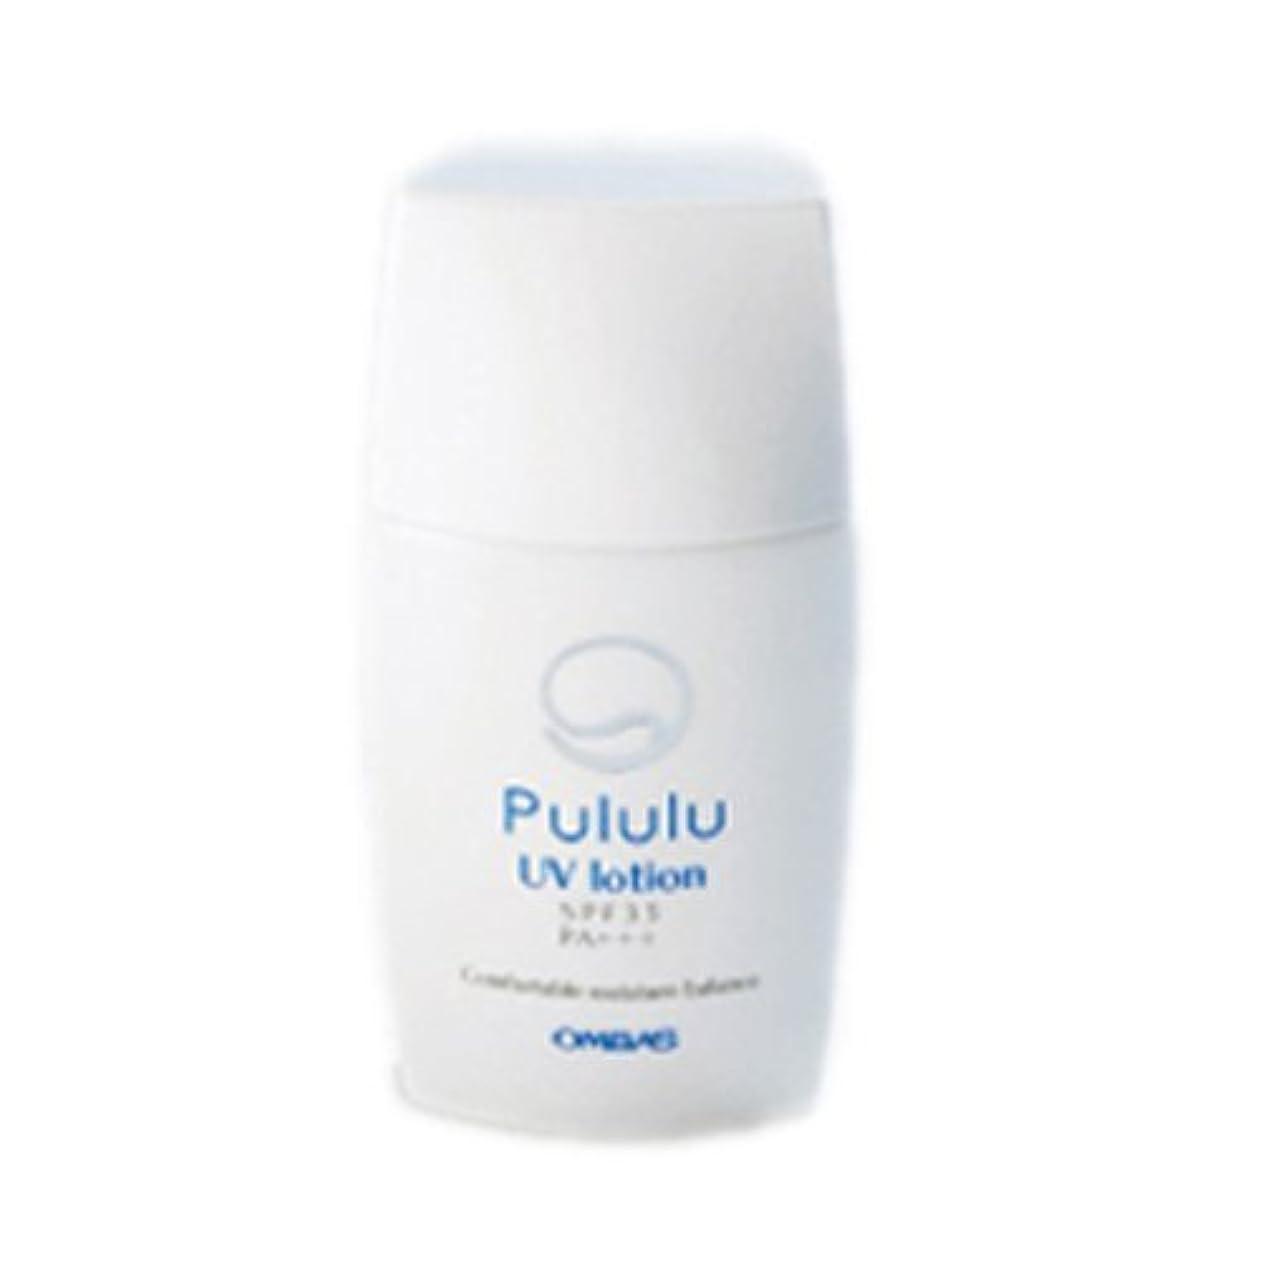 からかう絶望誤解を招くPululu シリーズ Pululu UVローション